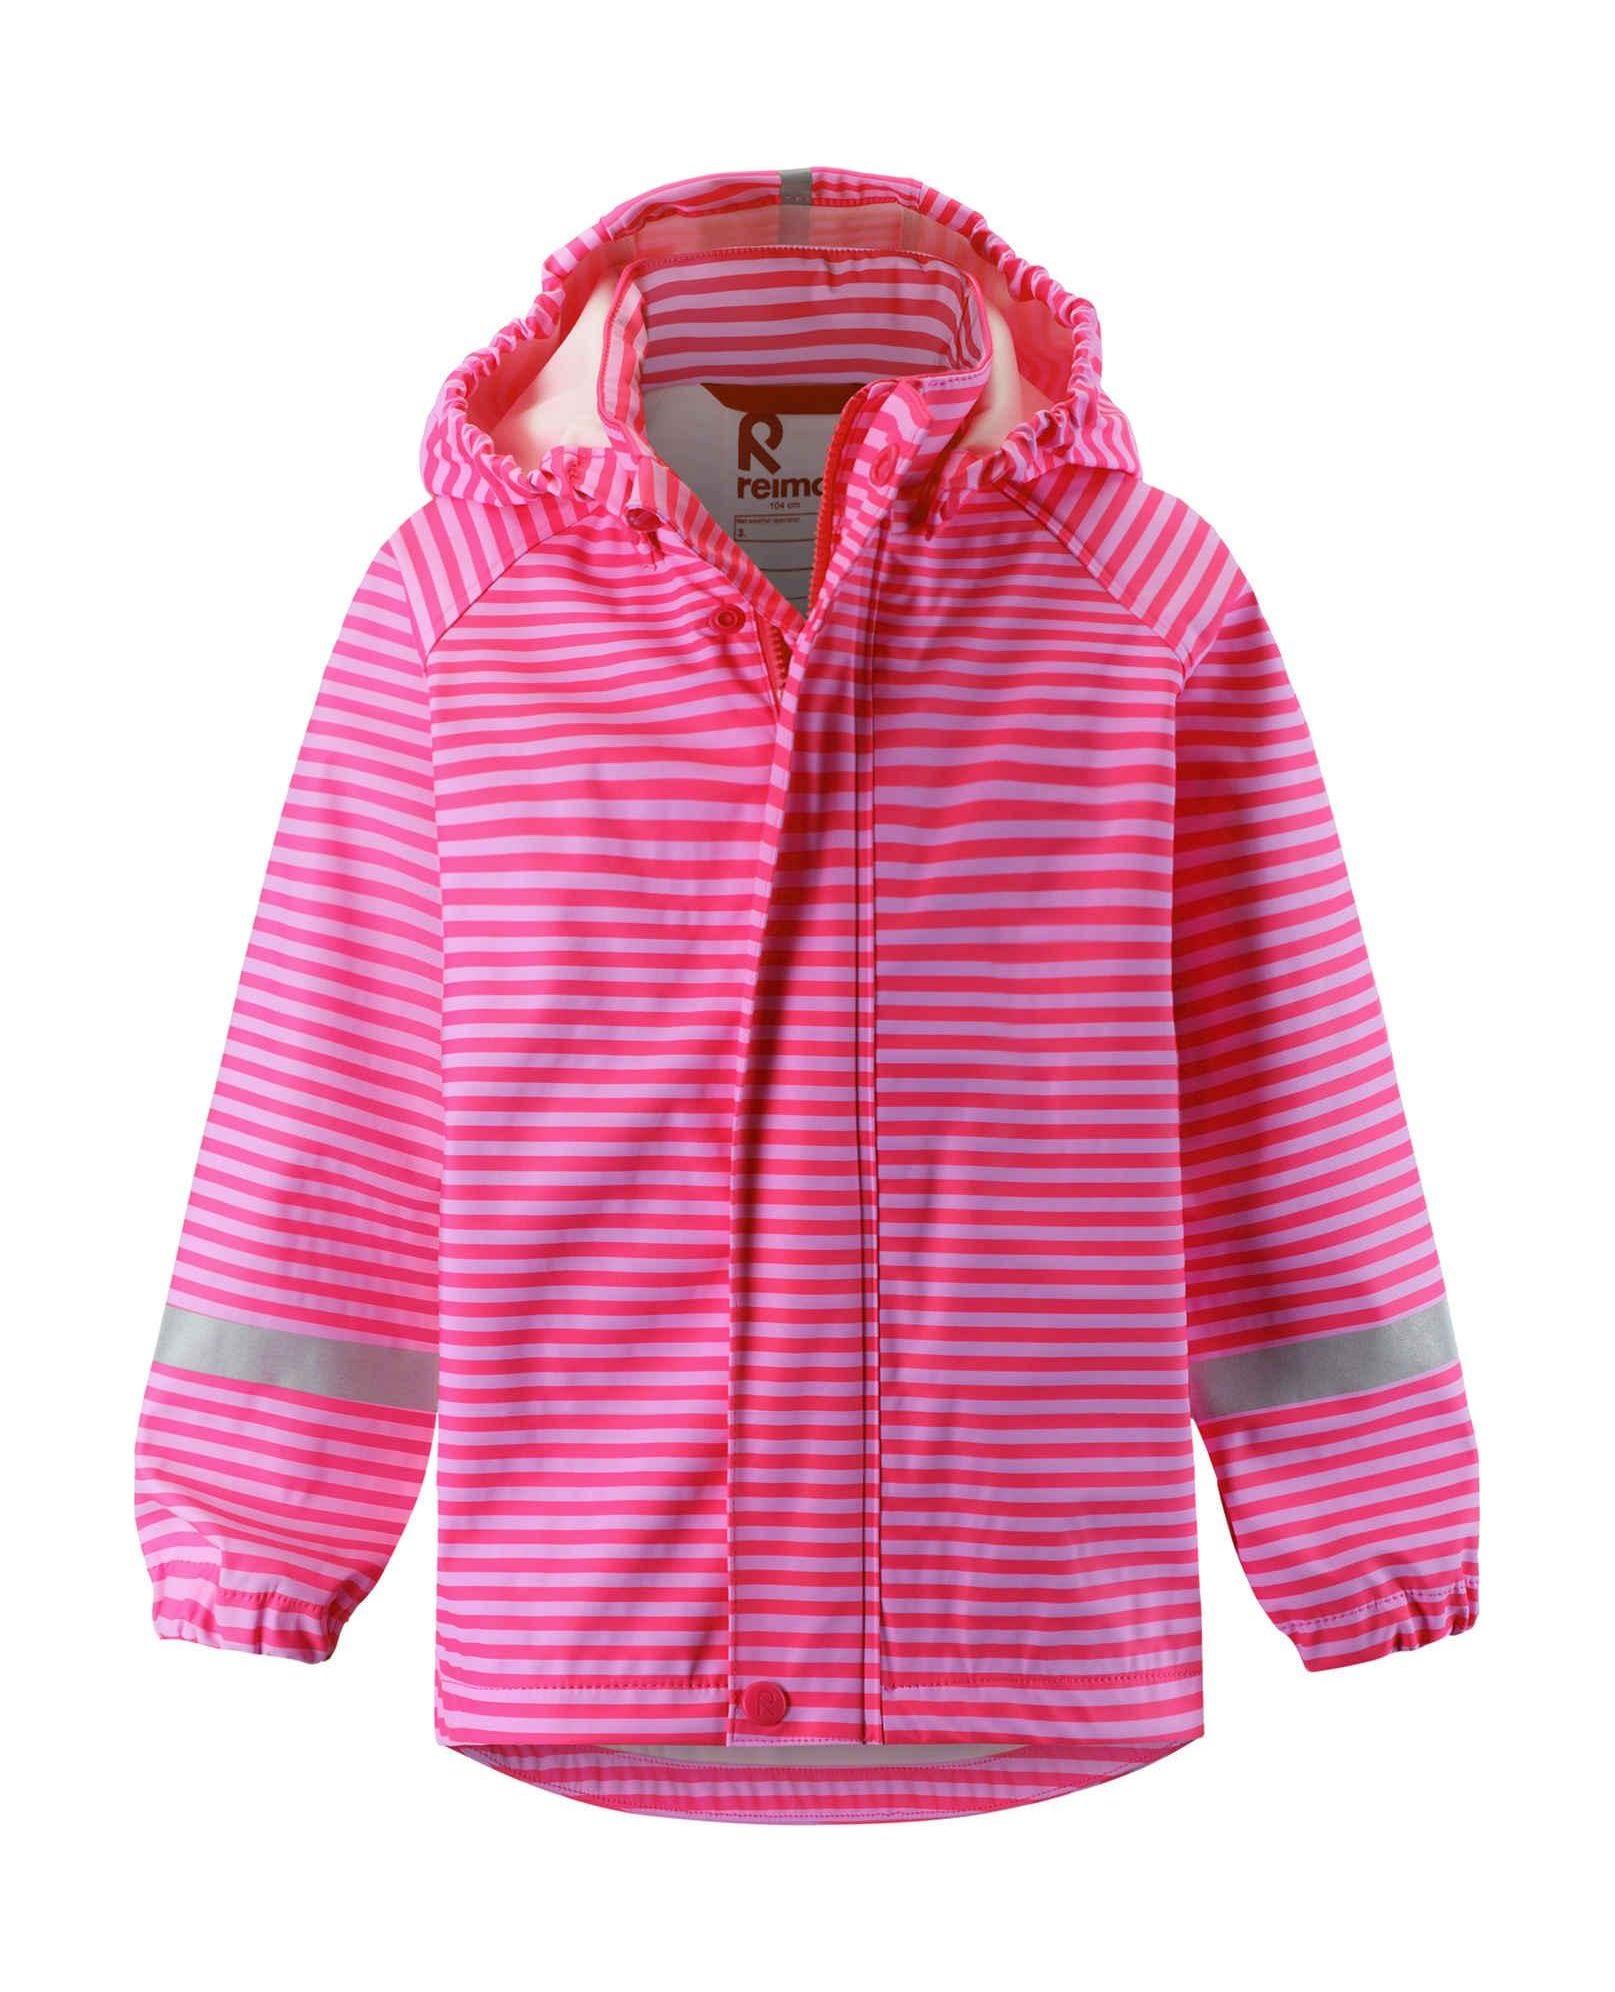 REIMA Vesi Candy Pink 4193 140